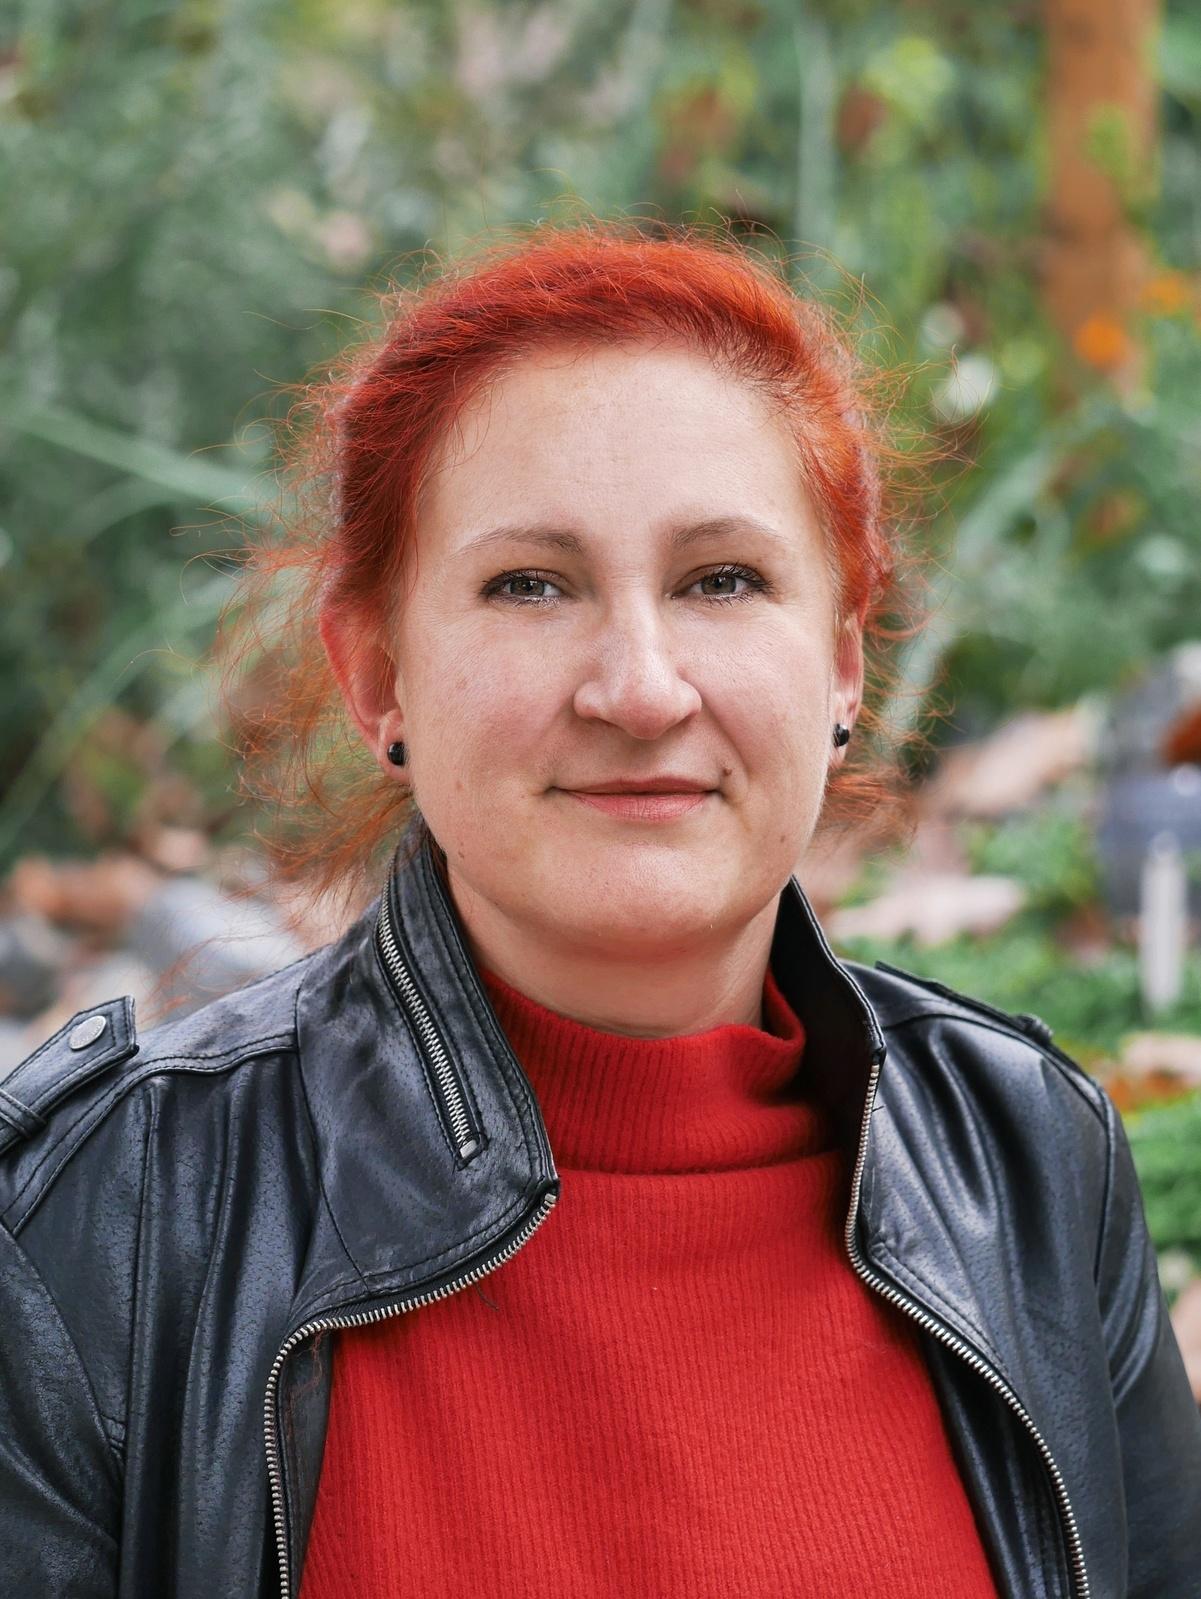 Andrea-Blahovcova